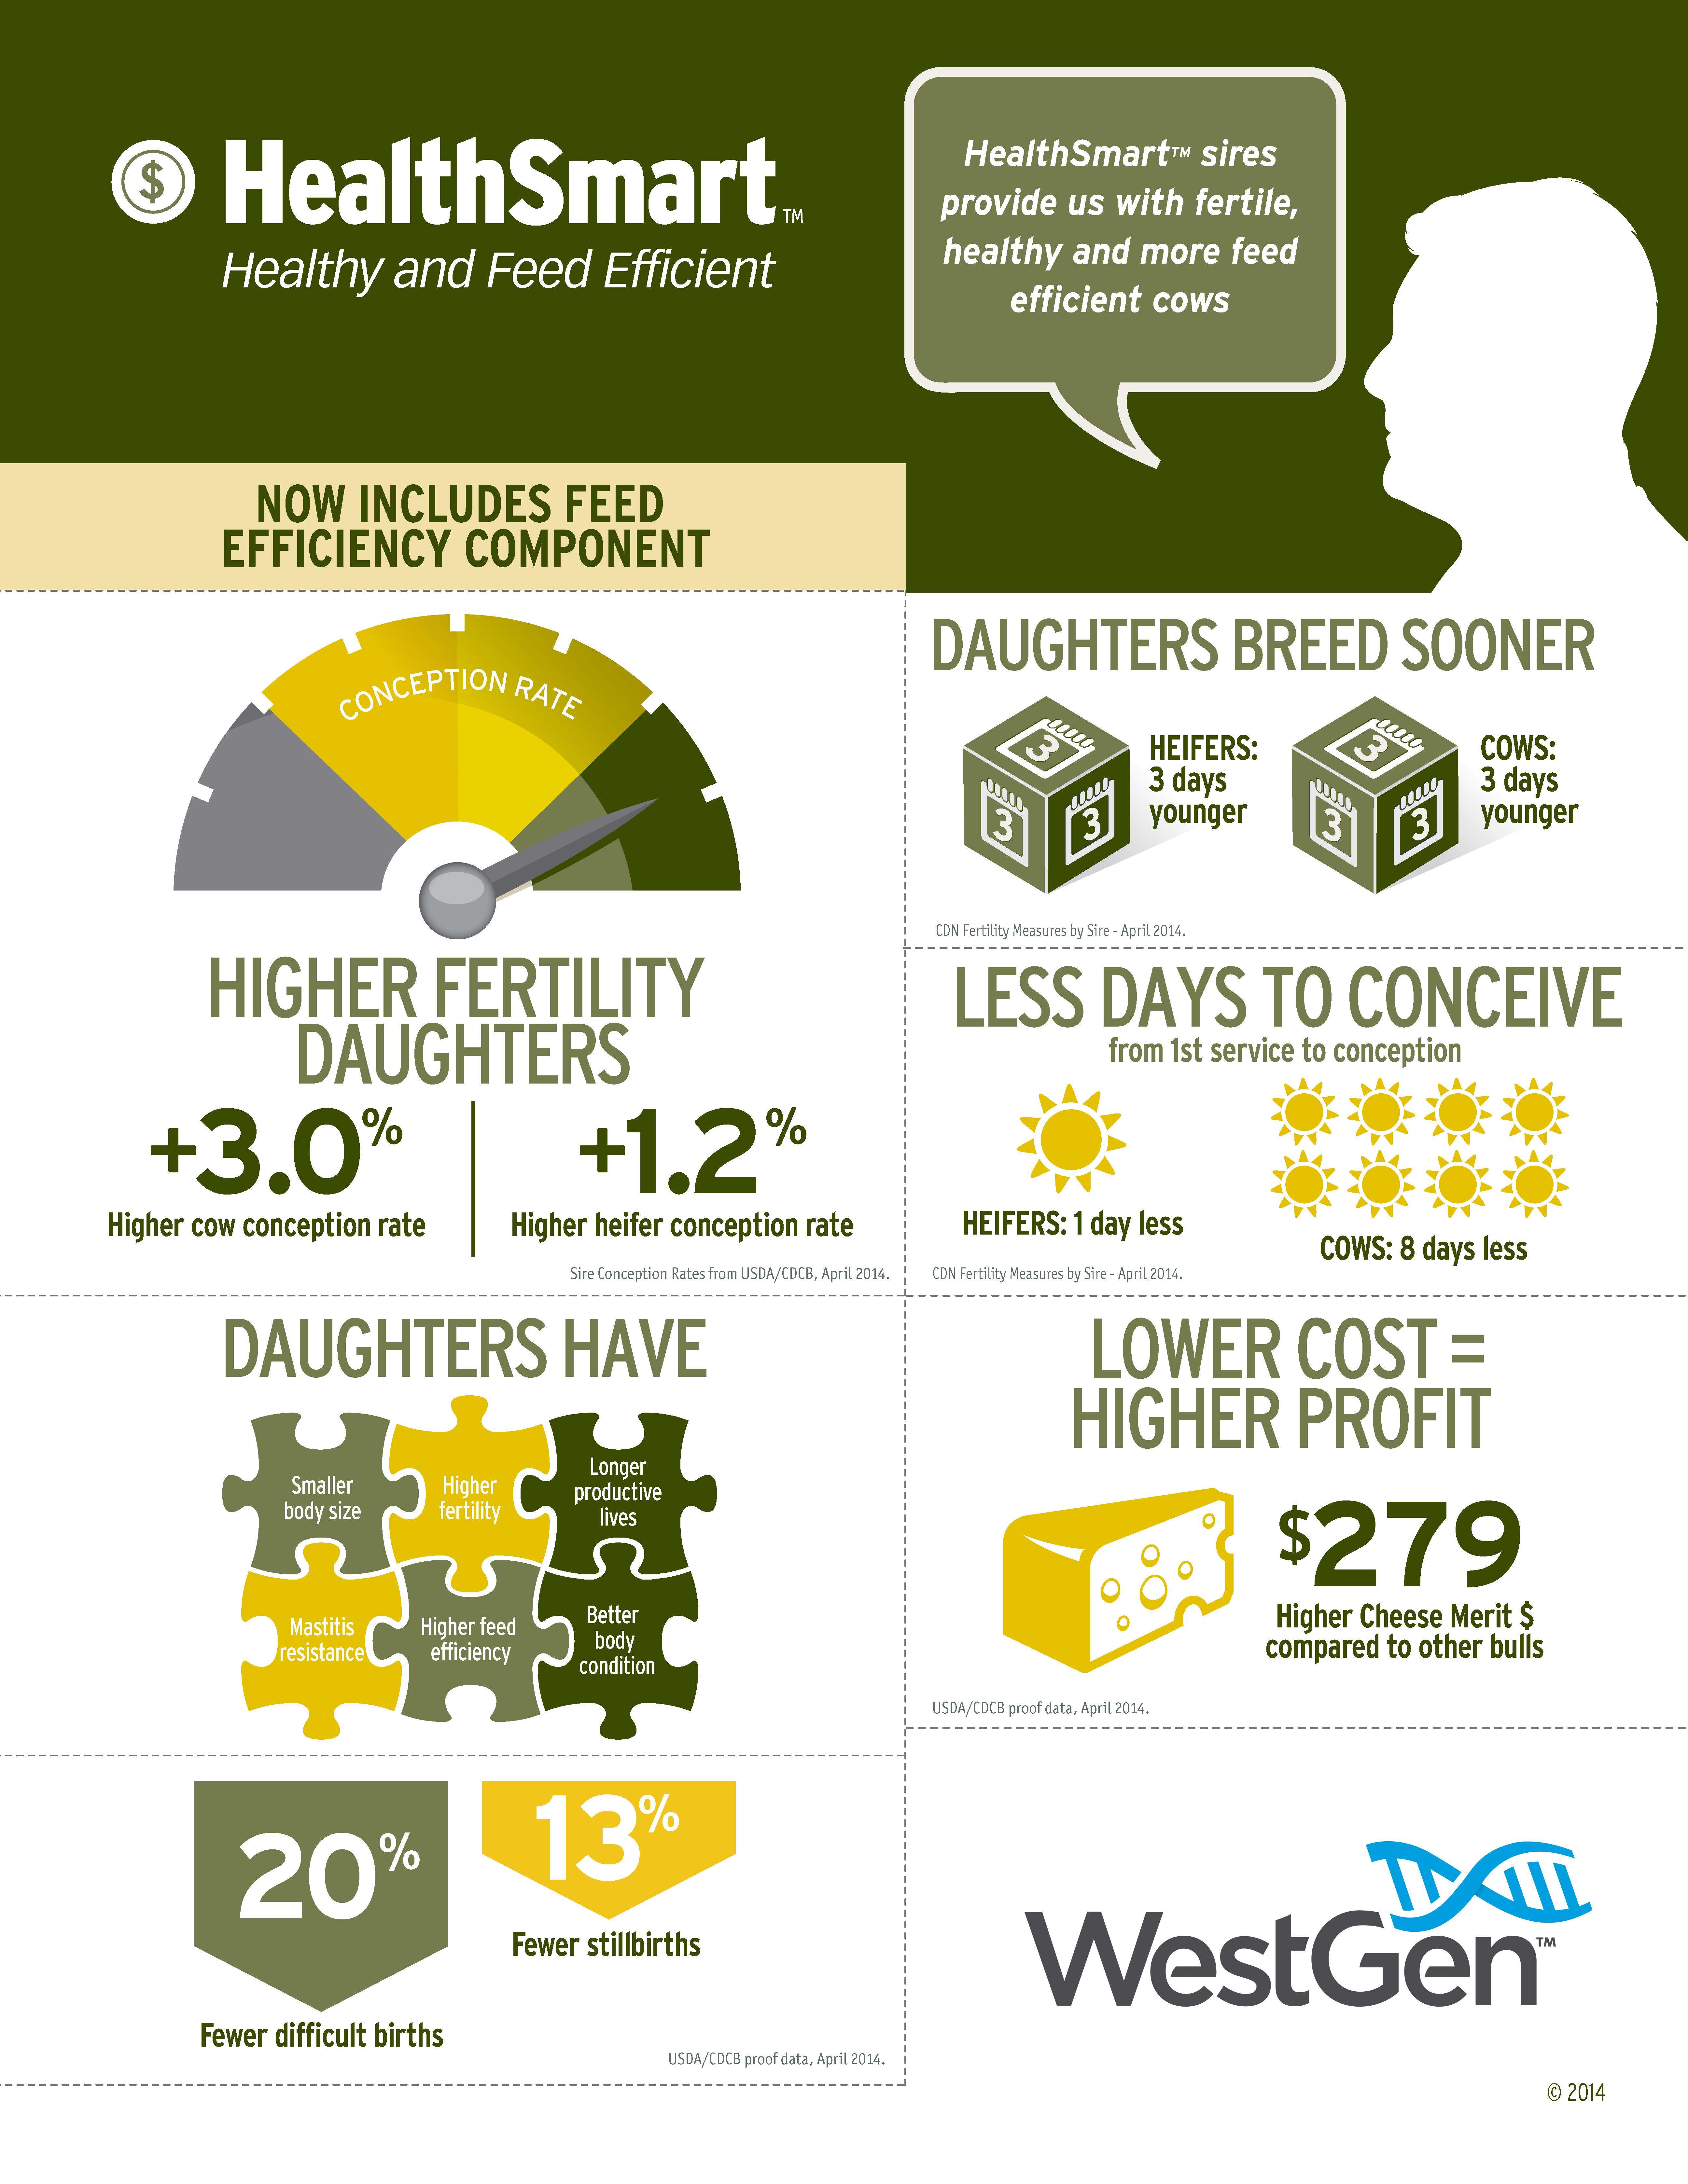 Healthsmart infographic